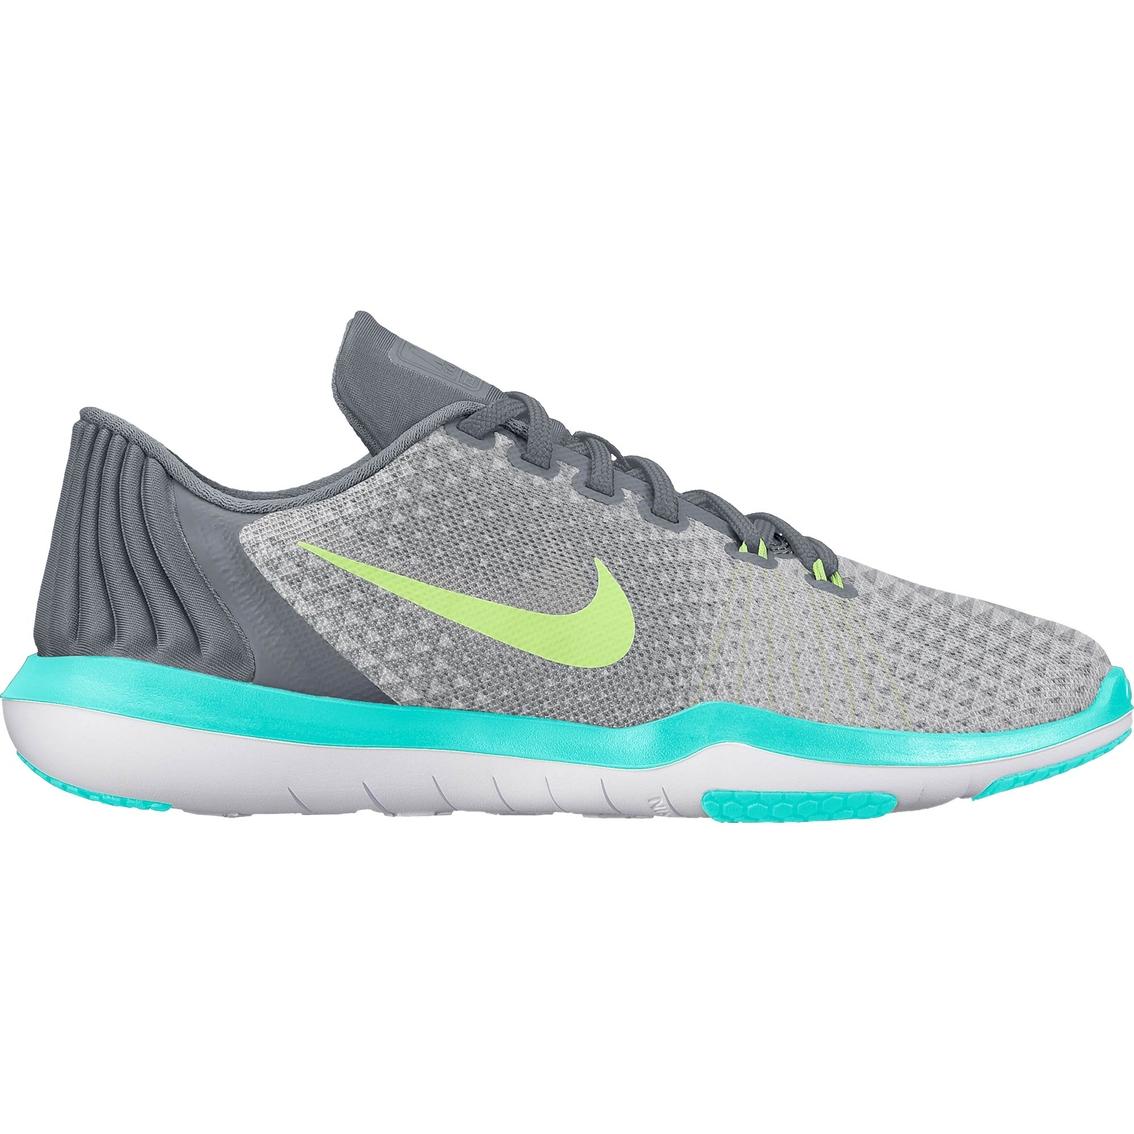 6e0f2b9d82baa Nike Womens Flex Supreme Tr 5 Training Shoes